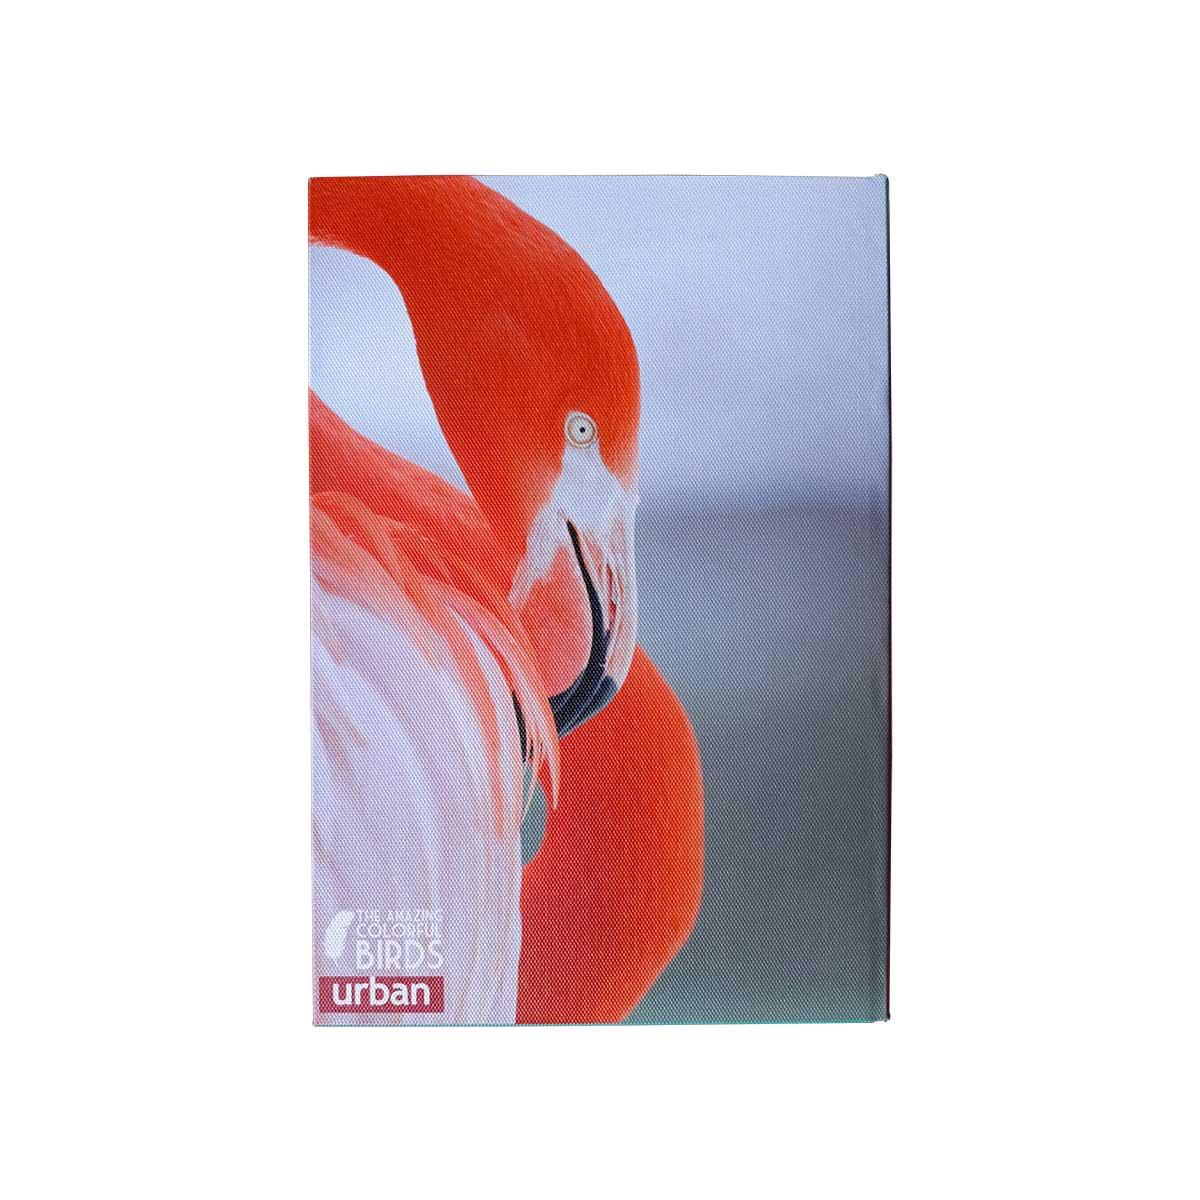 Caixa Livro Birds - 1 pç